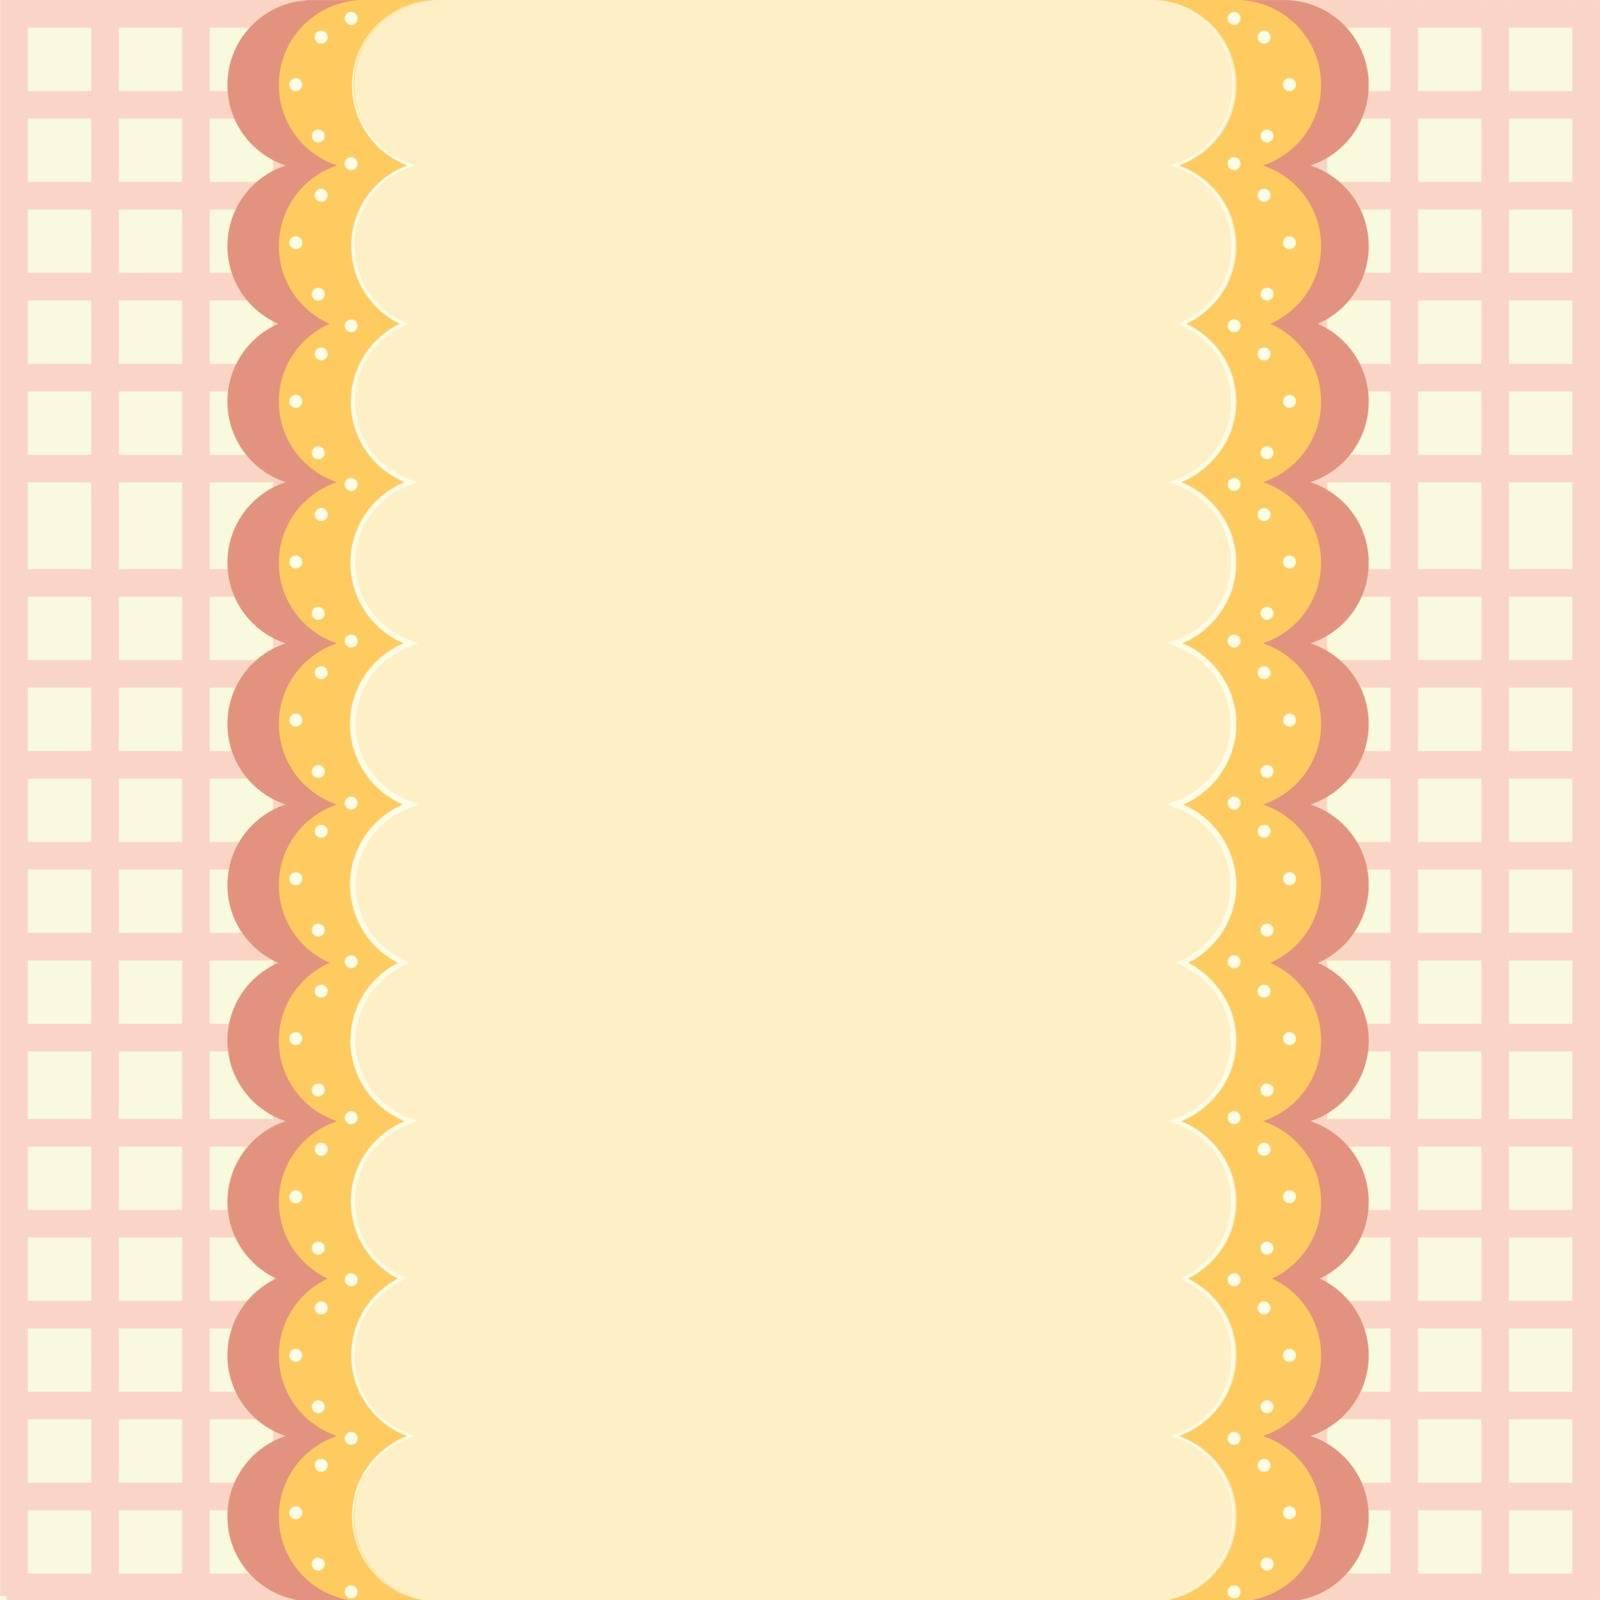 illustration of a wallpaper